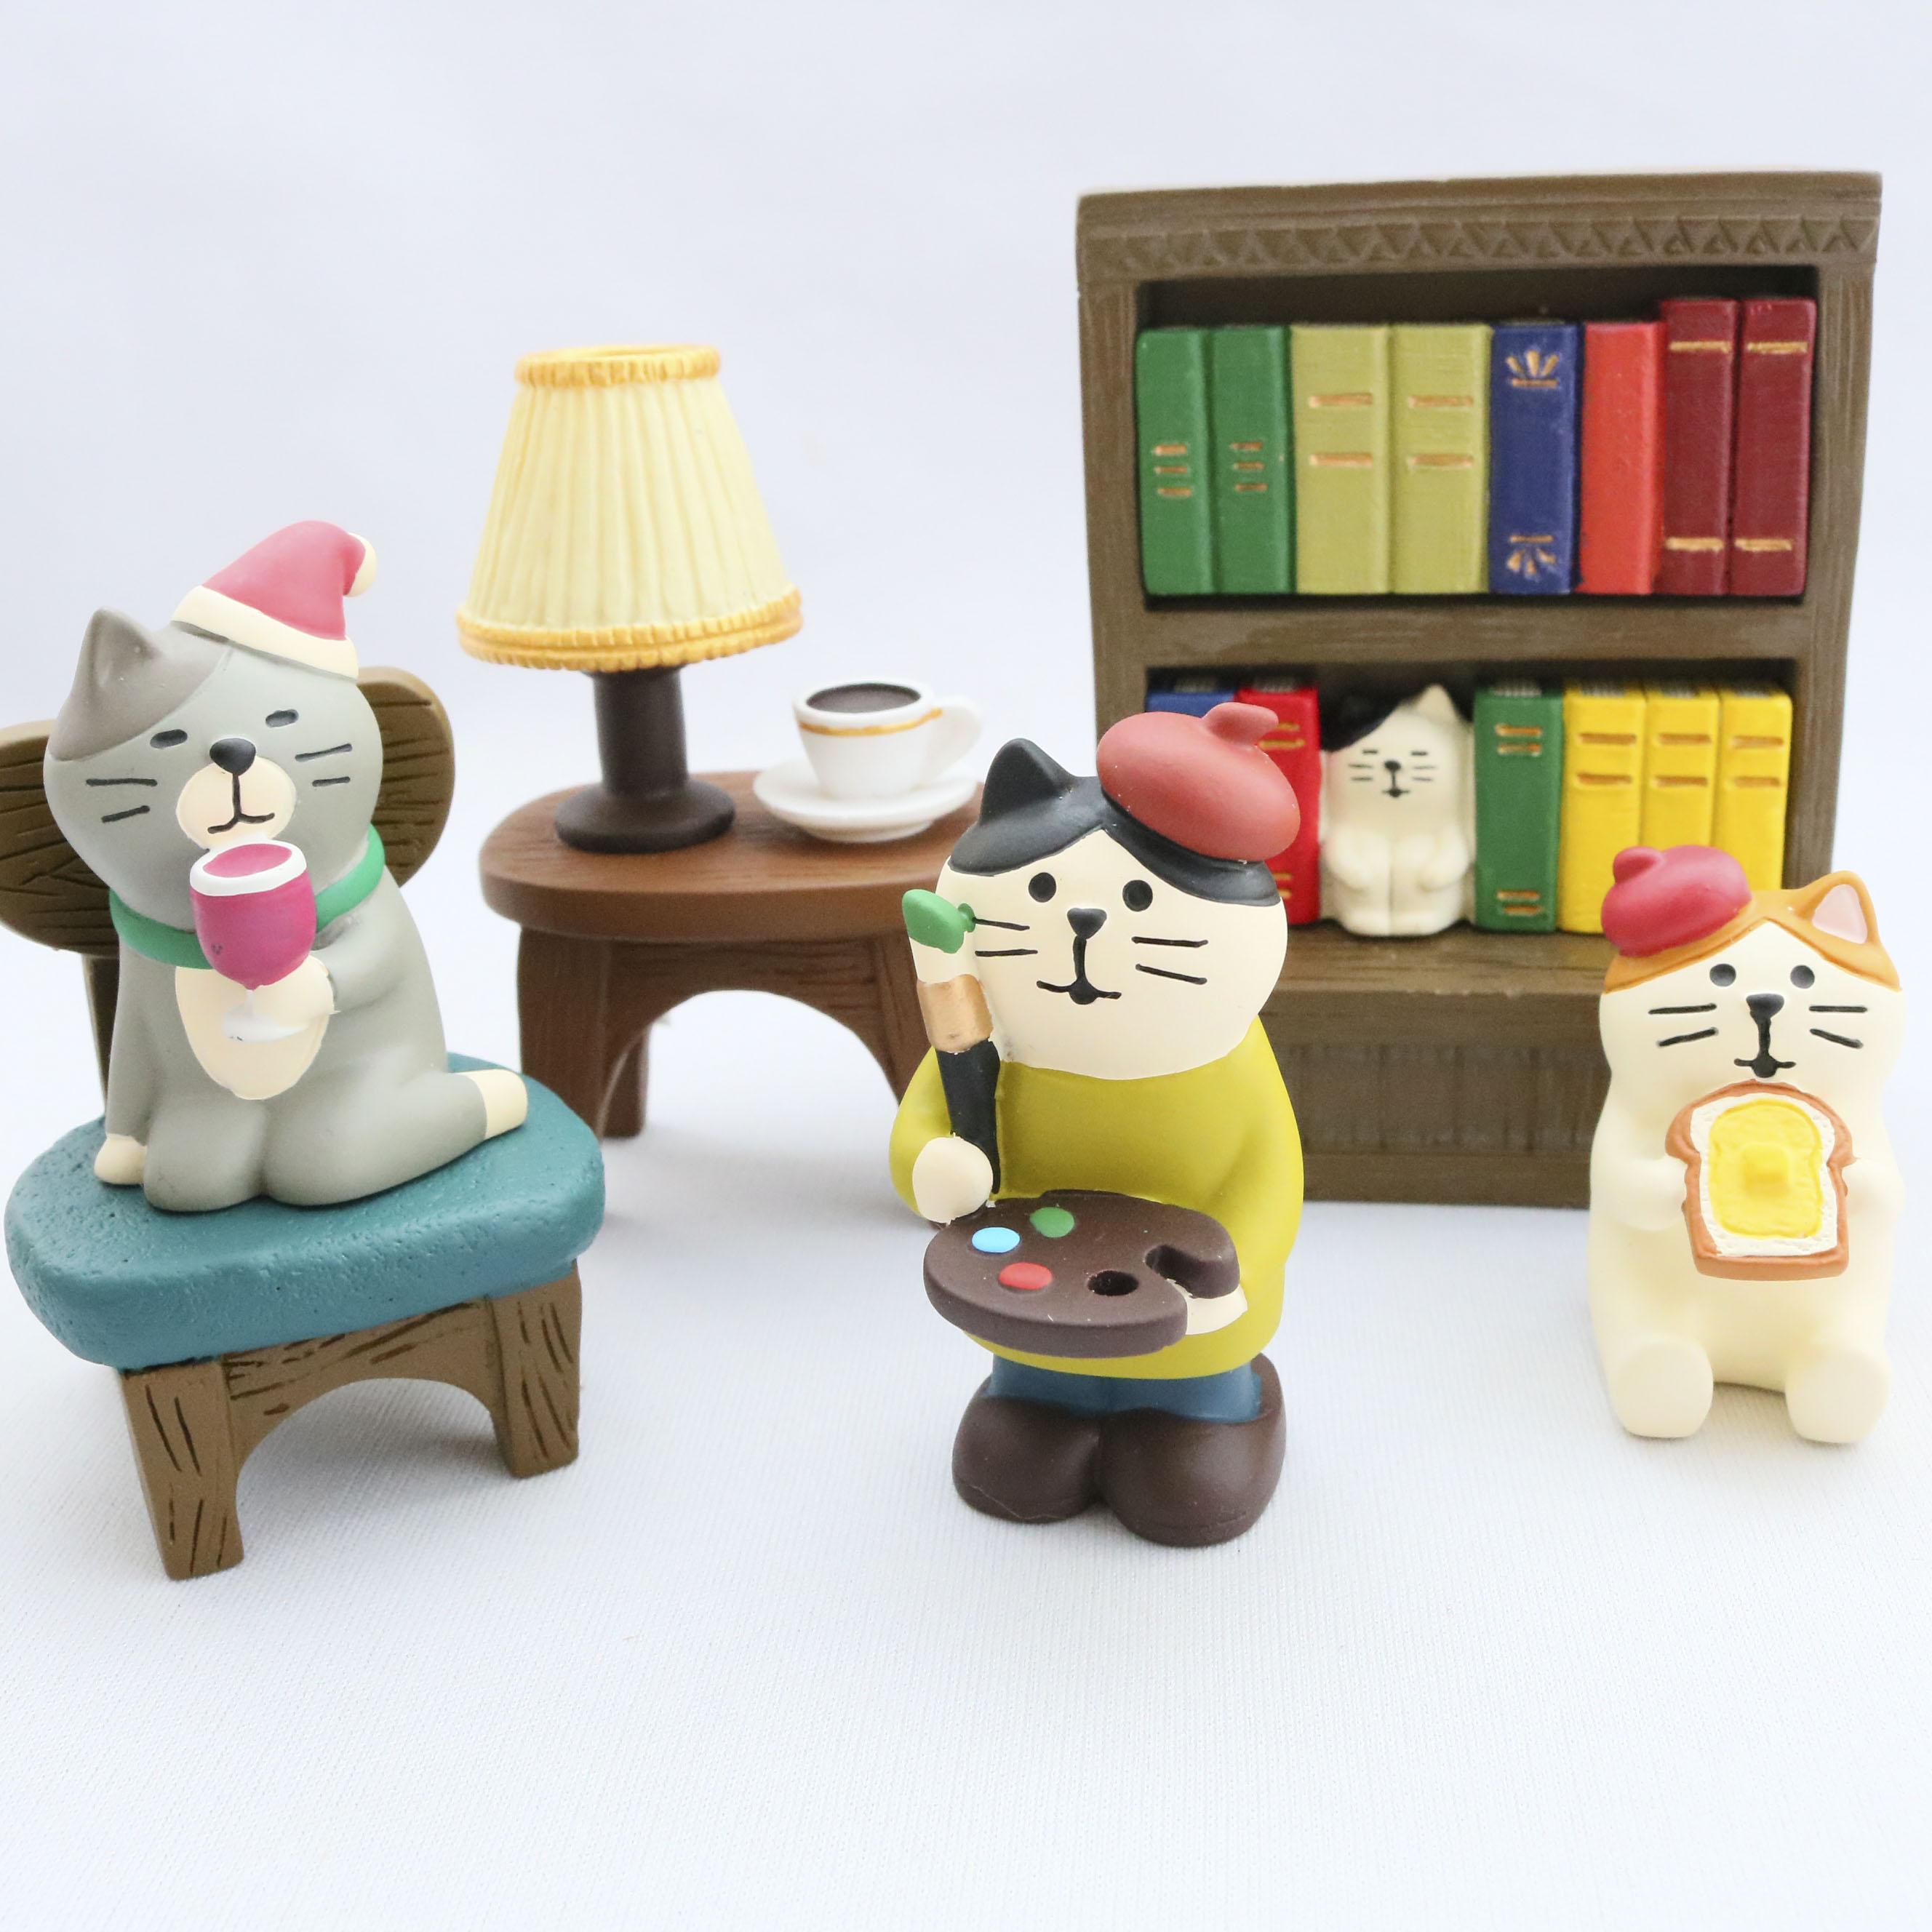 秋田 かぎしっぽ 猫雑貨 猫グッズ コンコンブル